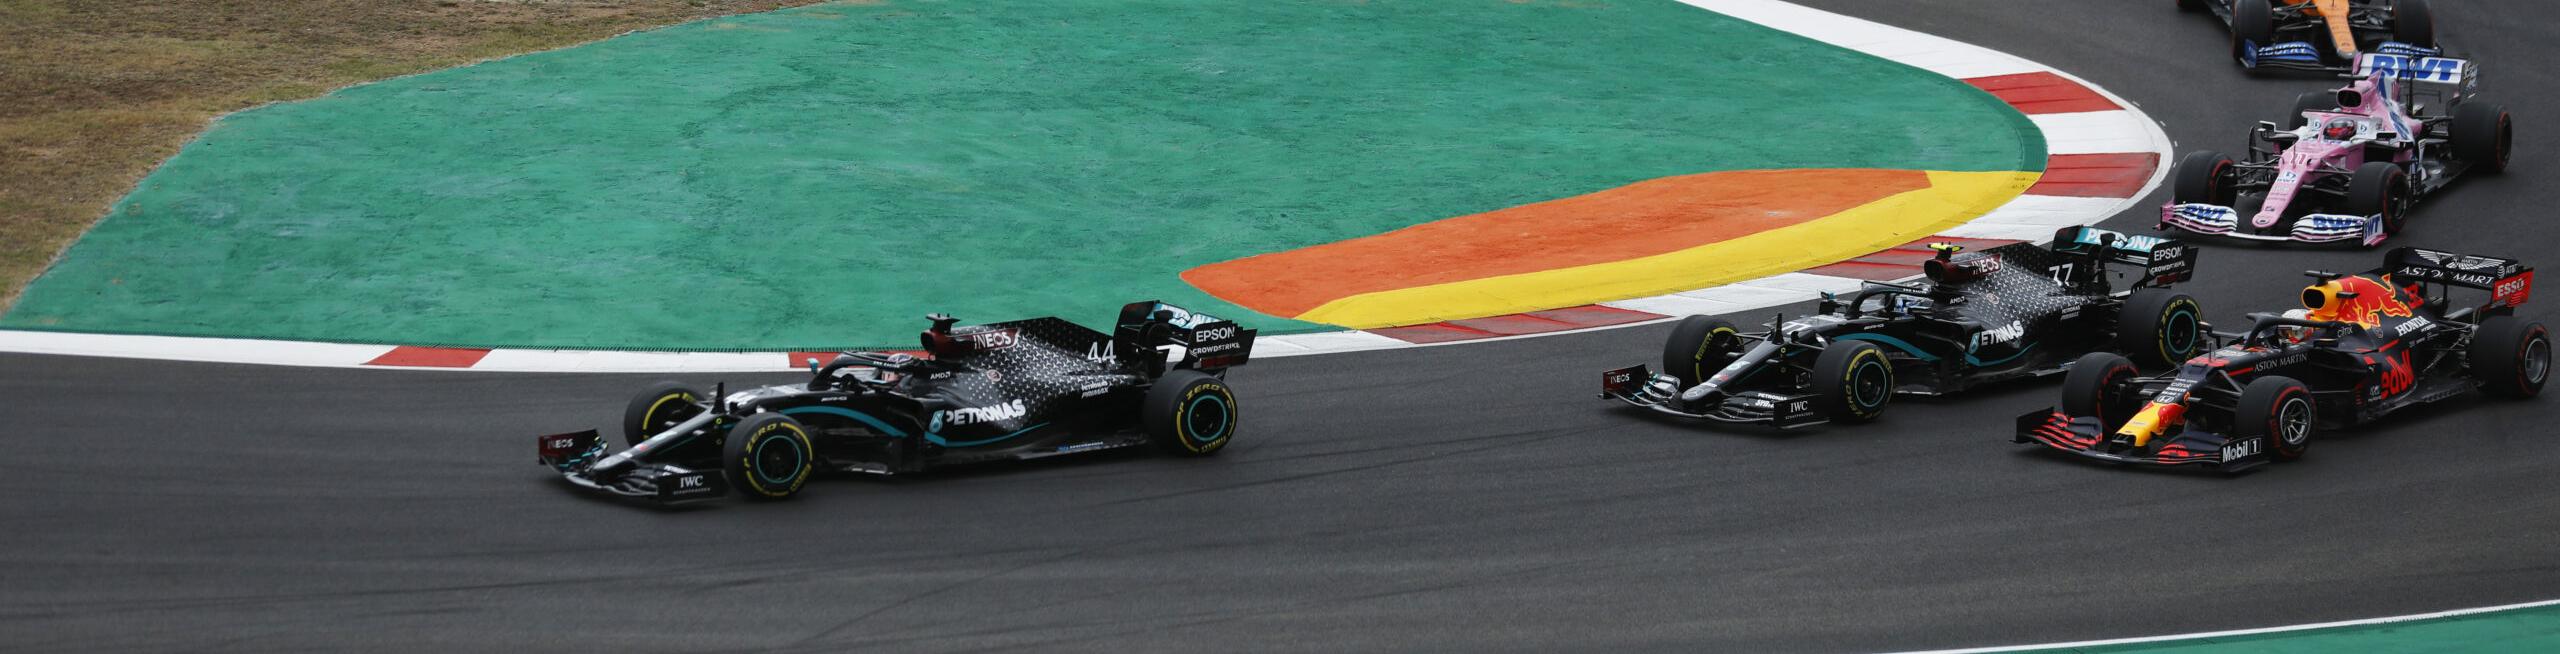 GP Portogallo: testa a testa entusiasmante tra Hamilton e Verstappen